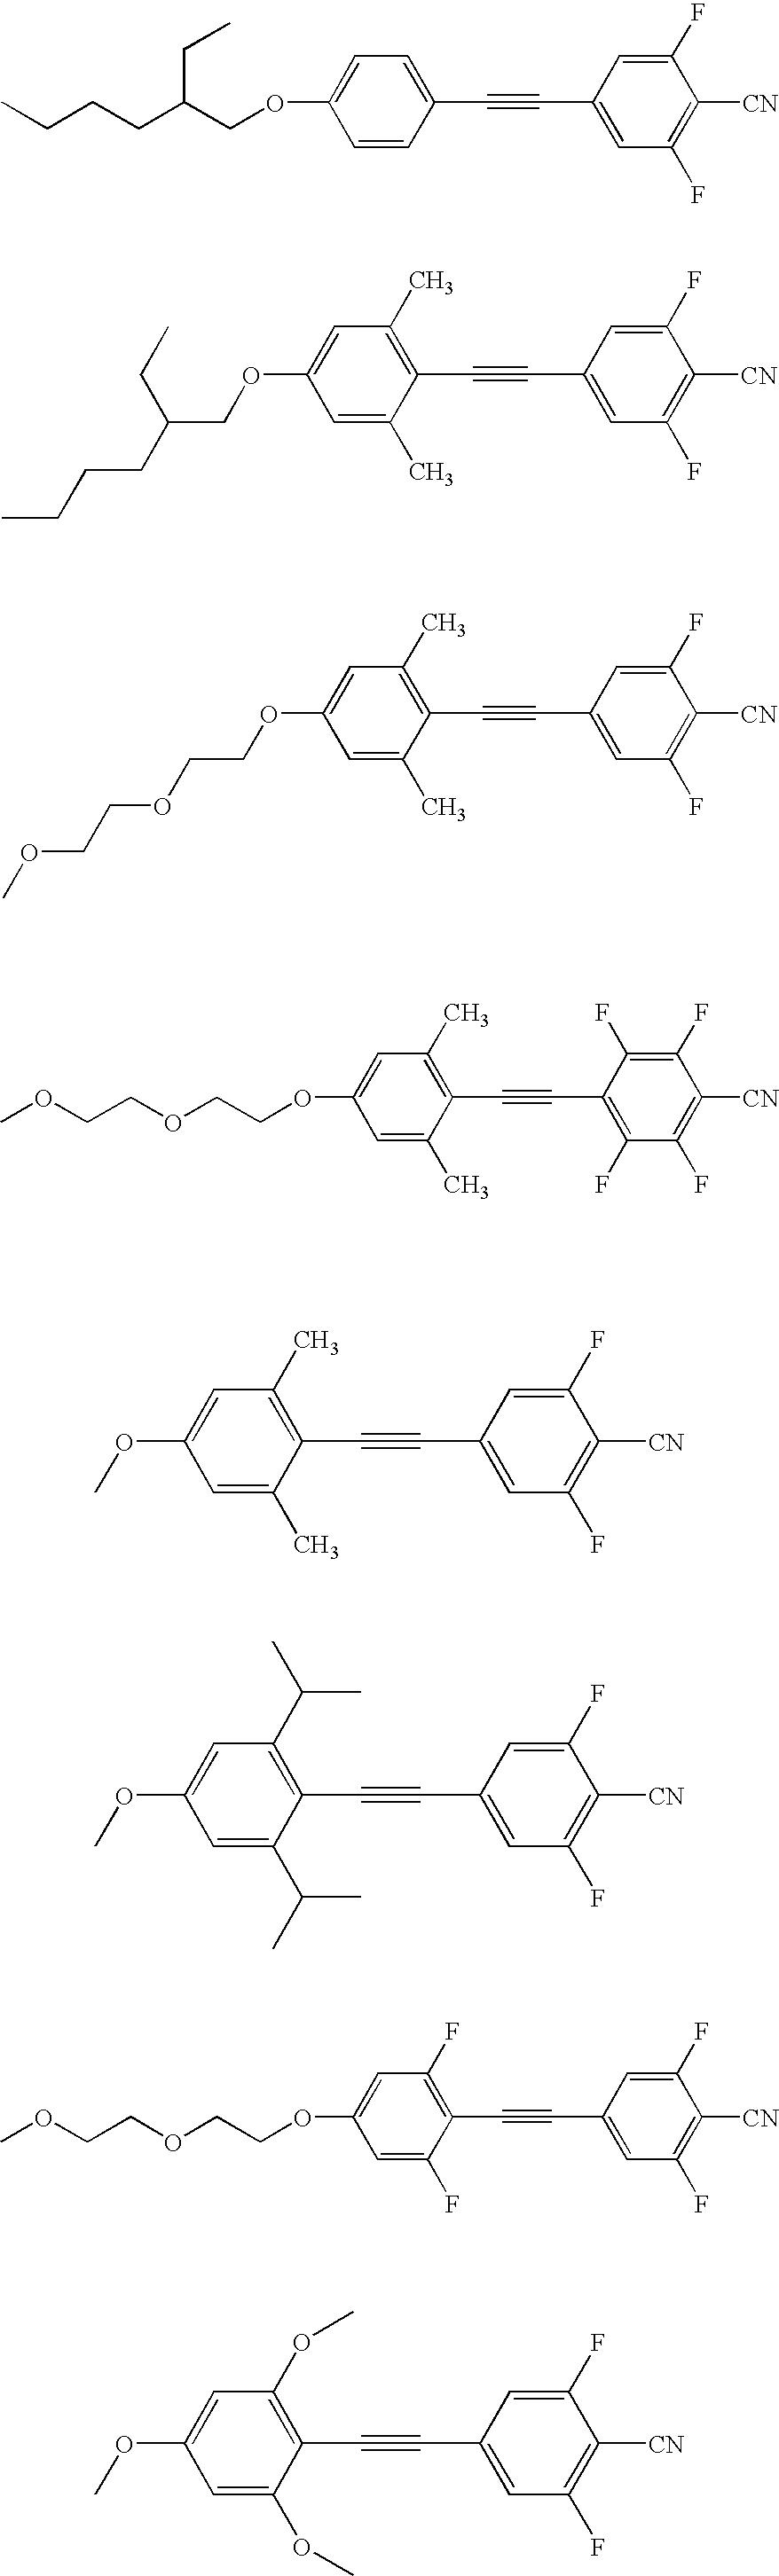 Figure US08420235-20130416-C00006